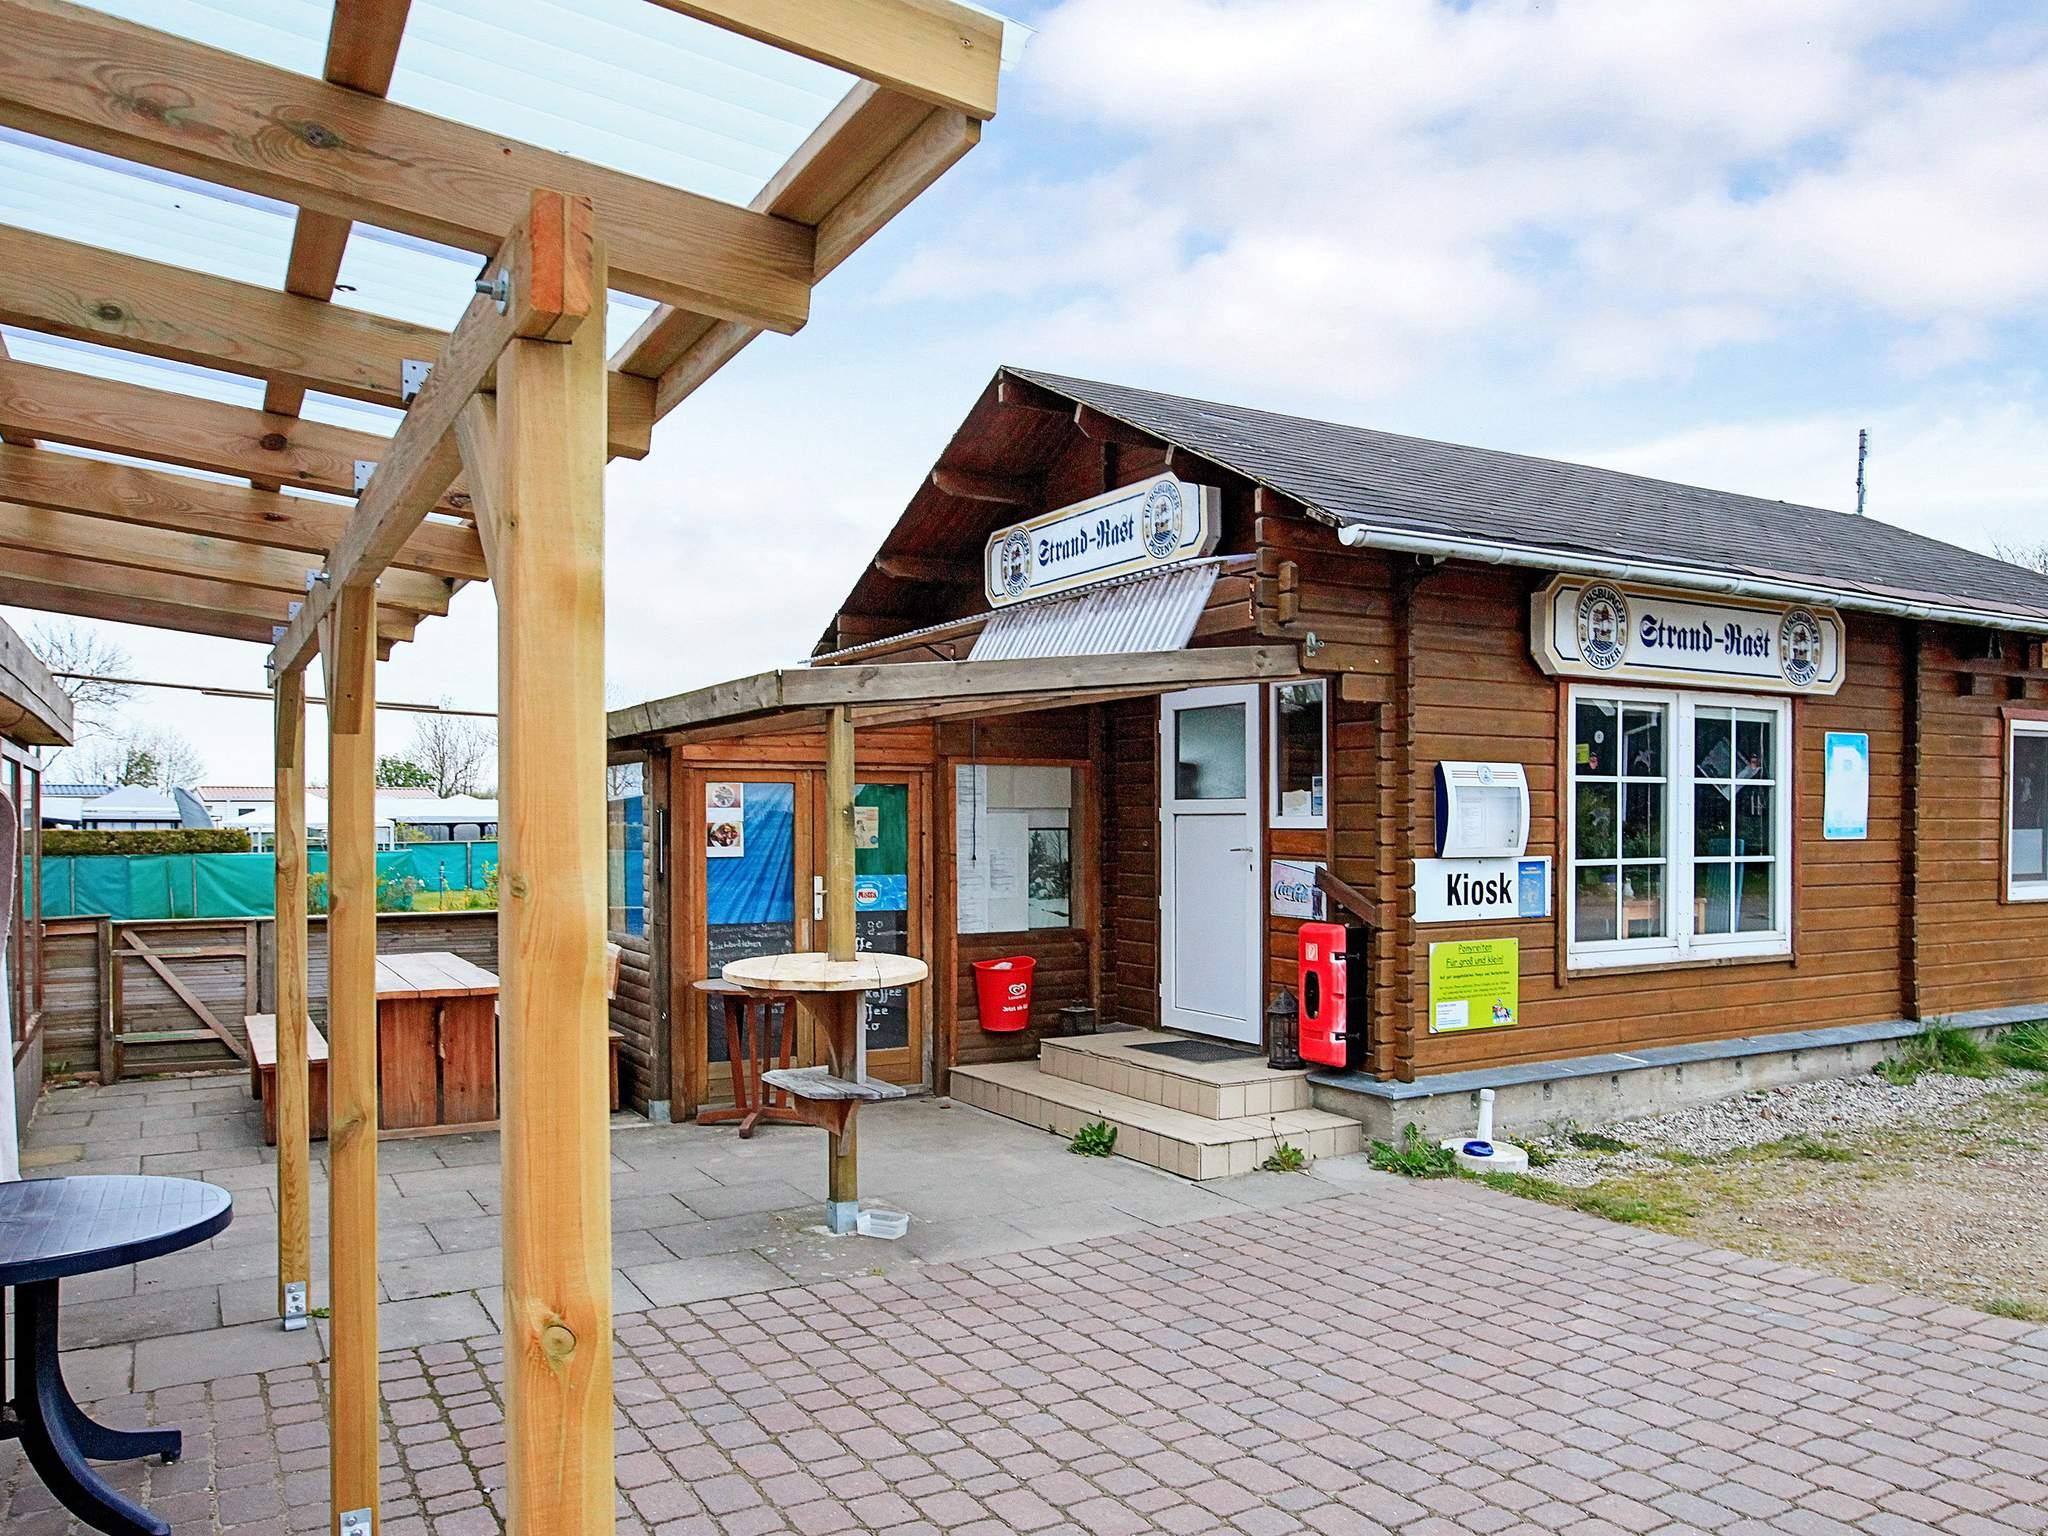 Ferienhaus Gelting (86215), Gelting, Geltinger Bucht, Schleswig-Holstein, Deutschland, Bild 22